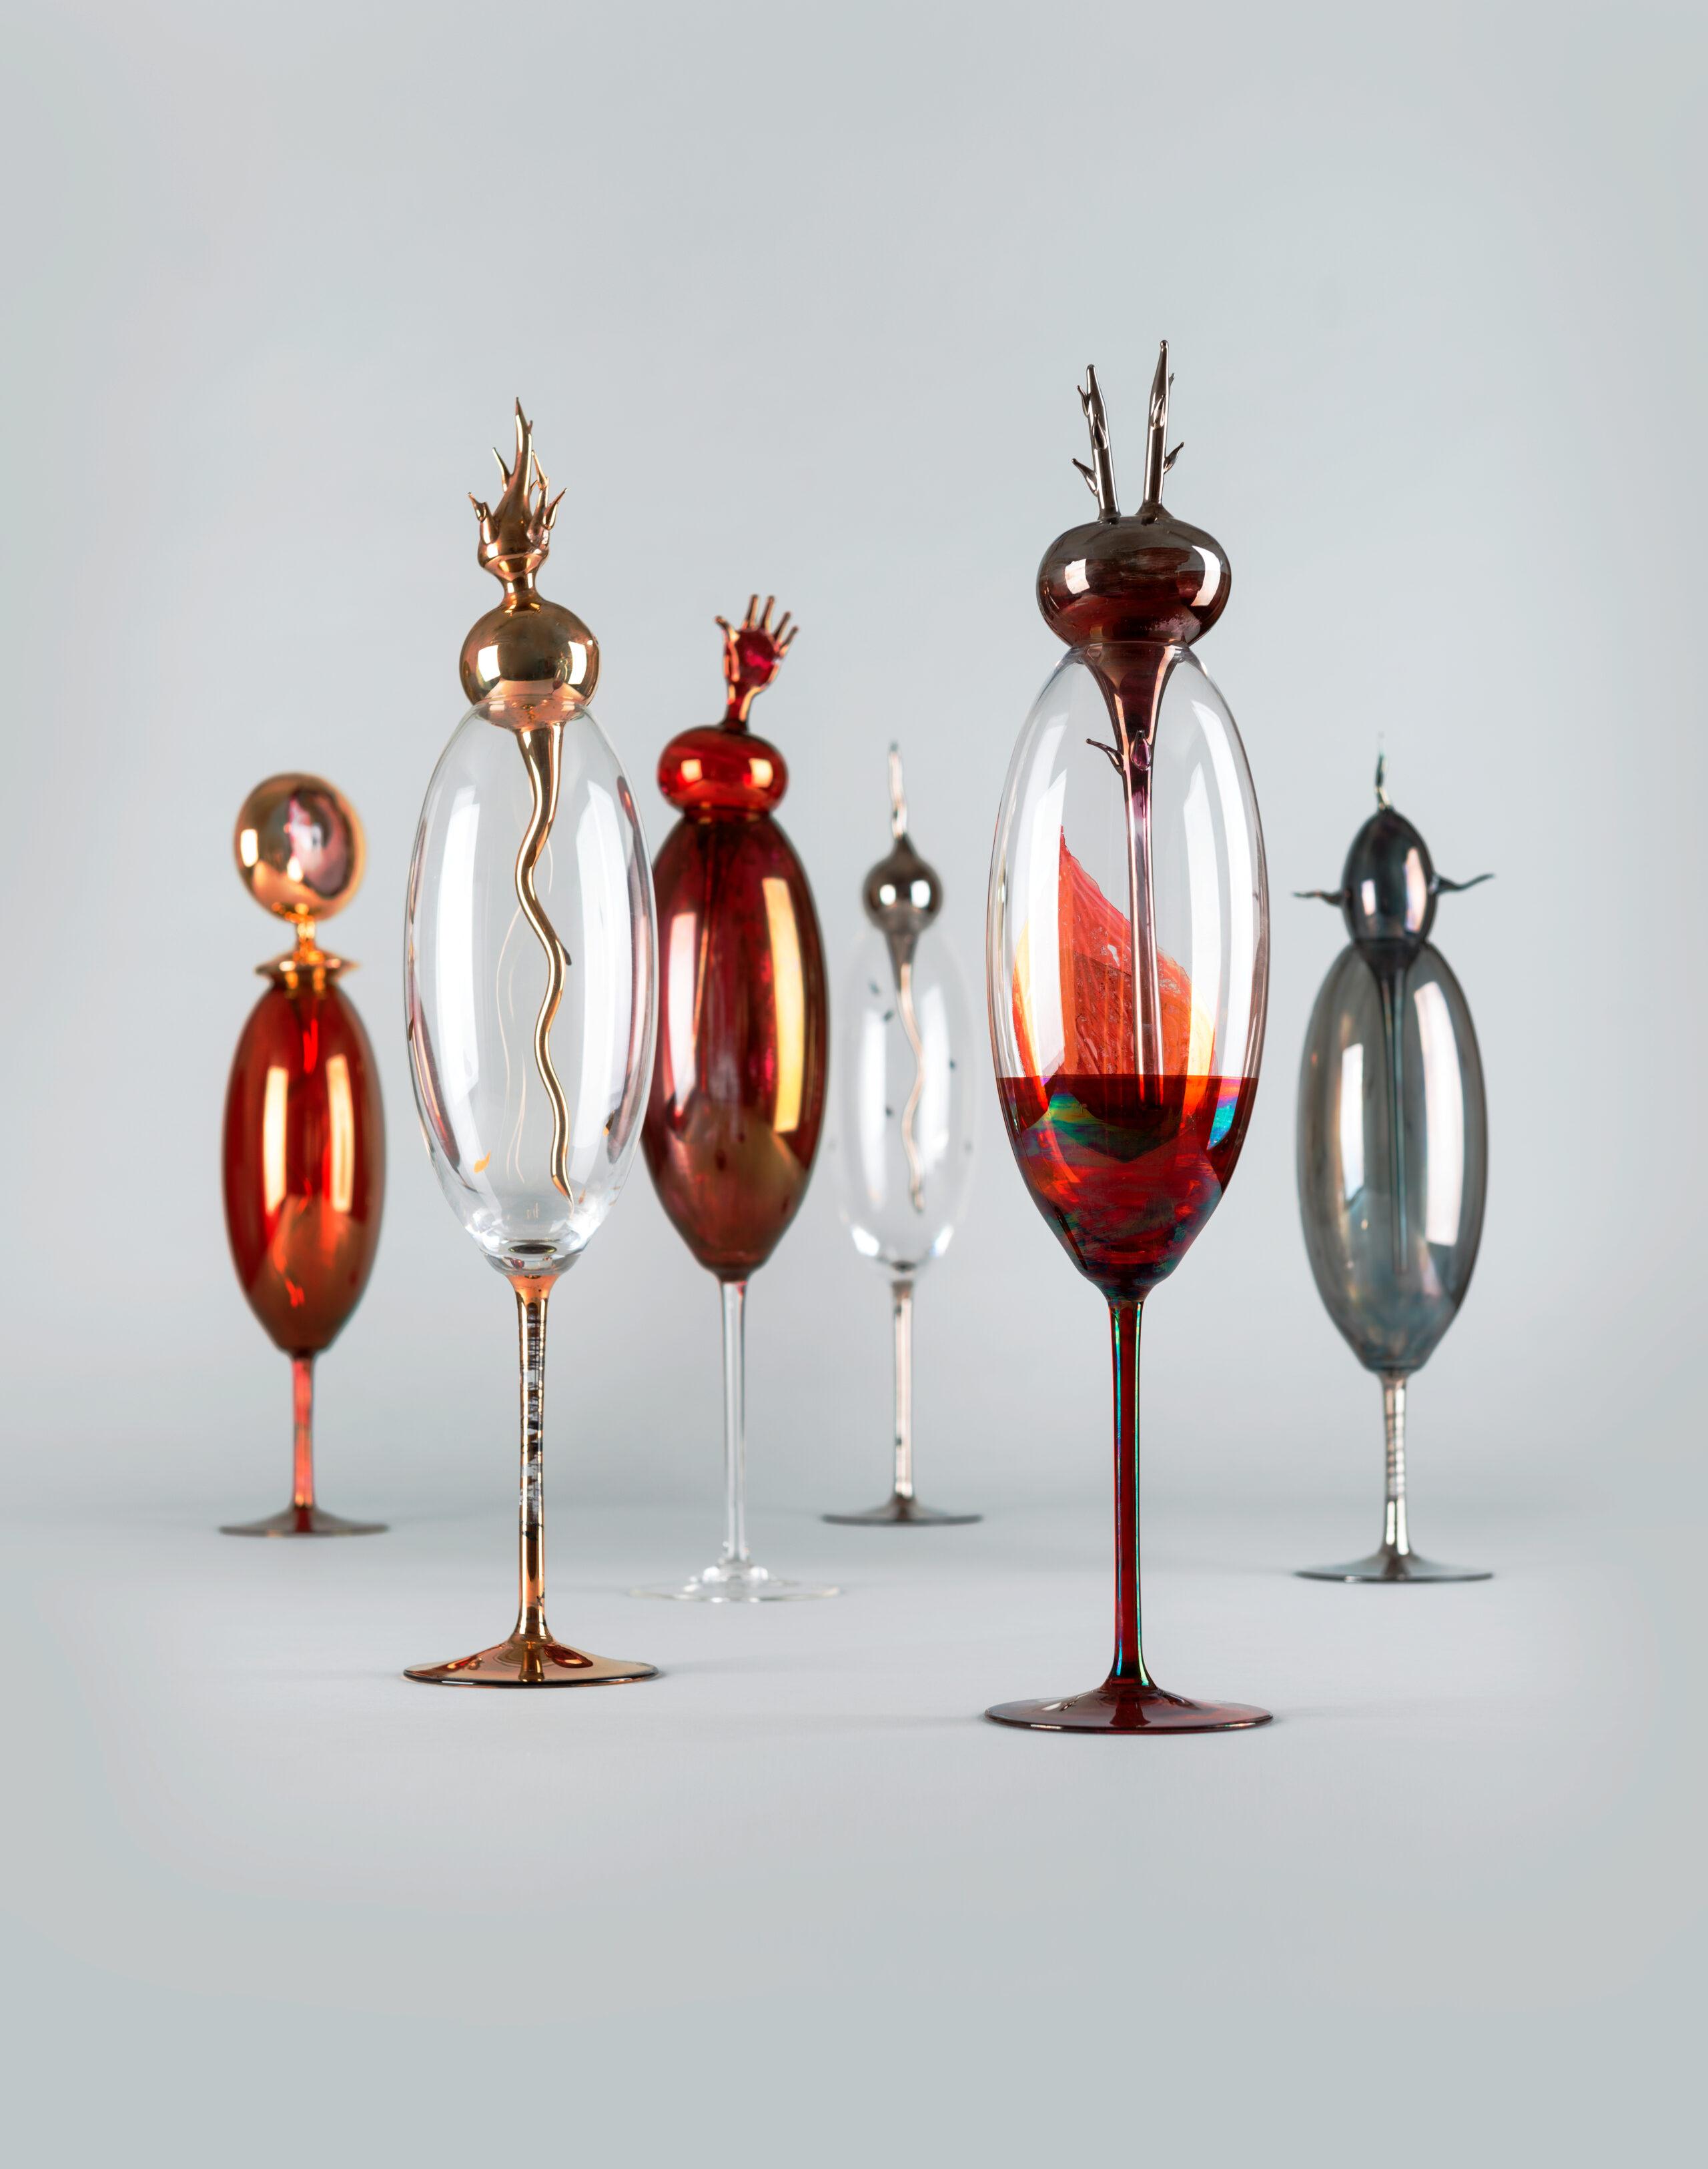 Palo Macho: Dobré nádoby, ručne fúkané sklo, dekorovanie farbami, listrom, vložené detaily fúkanie nad kahanom, 2003. Zbierky SMD. Foto Adam Šakový